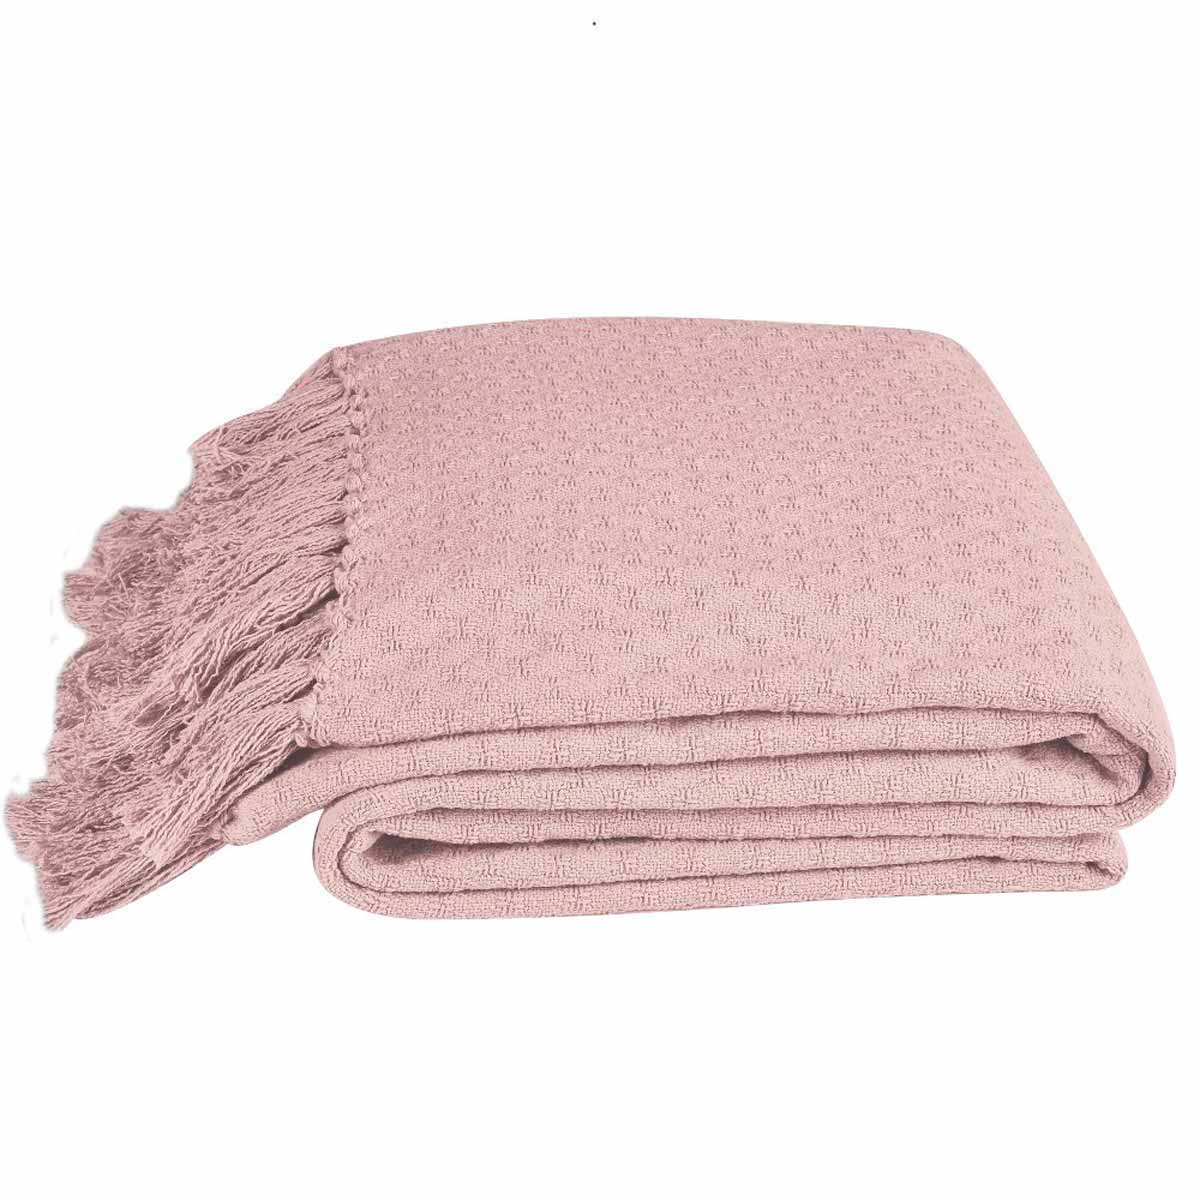 Κουβέρτα Πλεκτή Ημίδιπλη 2 Όψεων Kentia Loft Priya 14